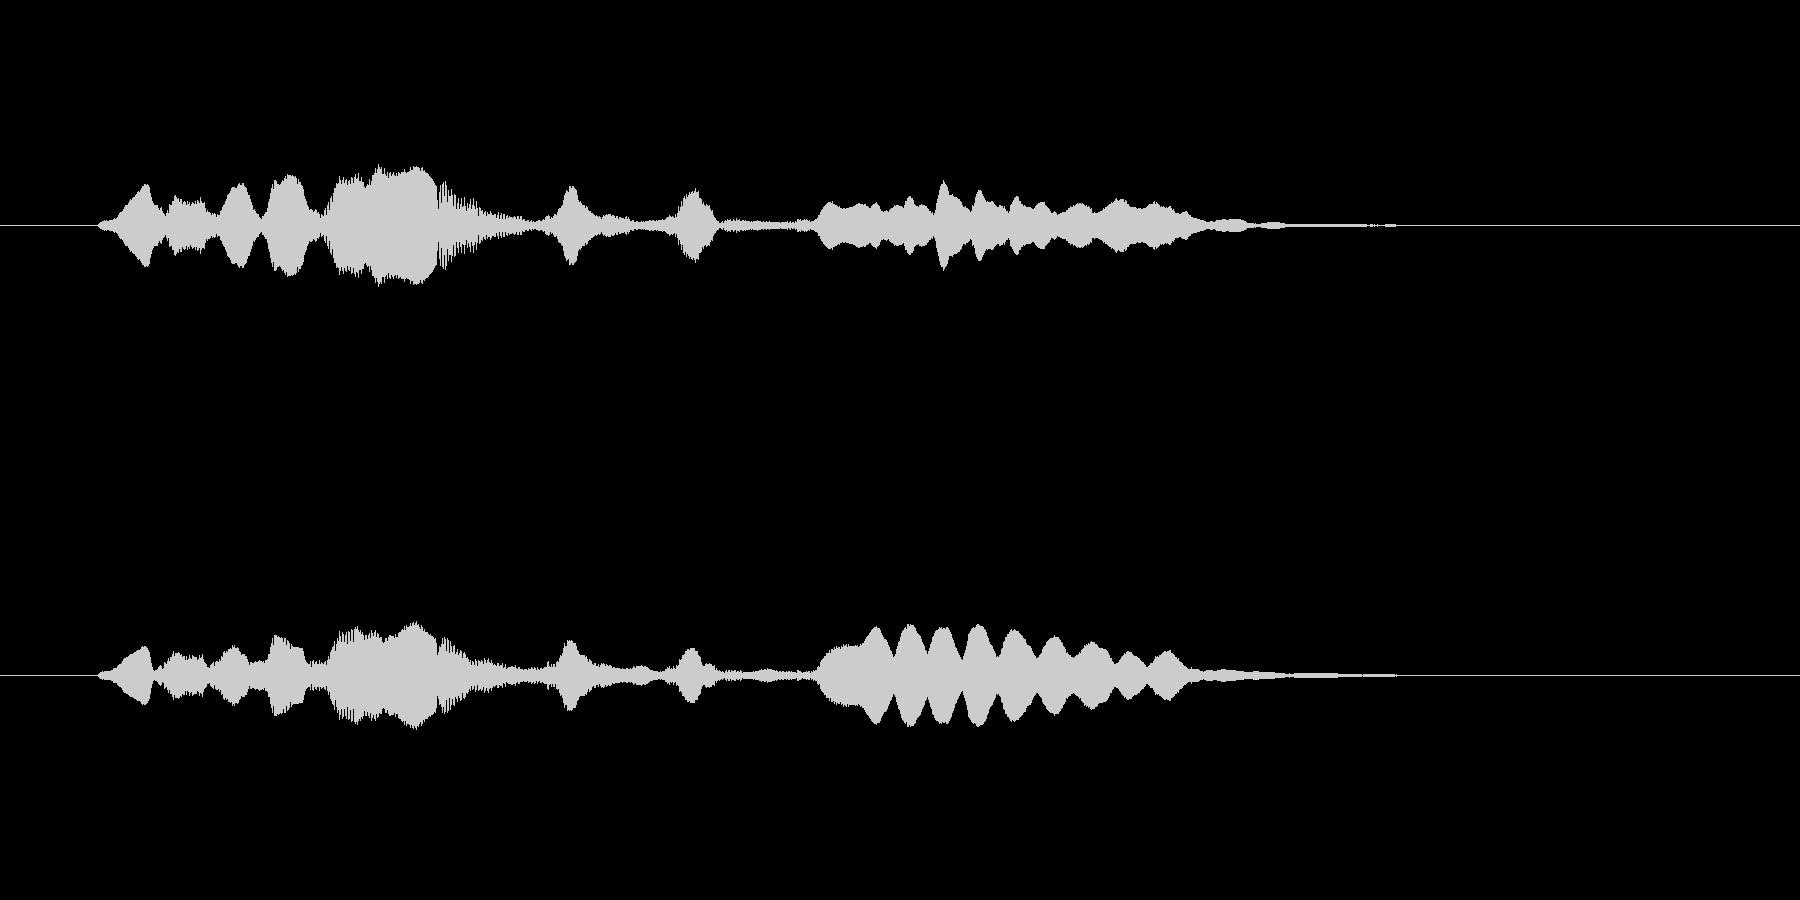 メルヘンな管楽器の効果音の未再生の波形